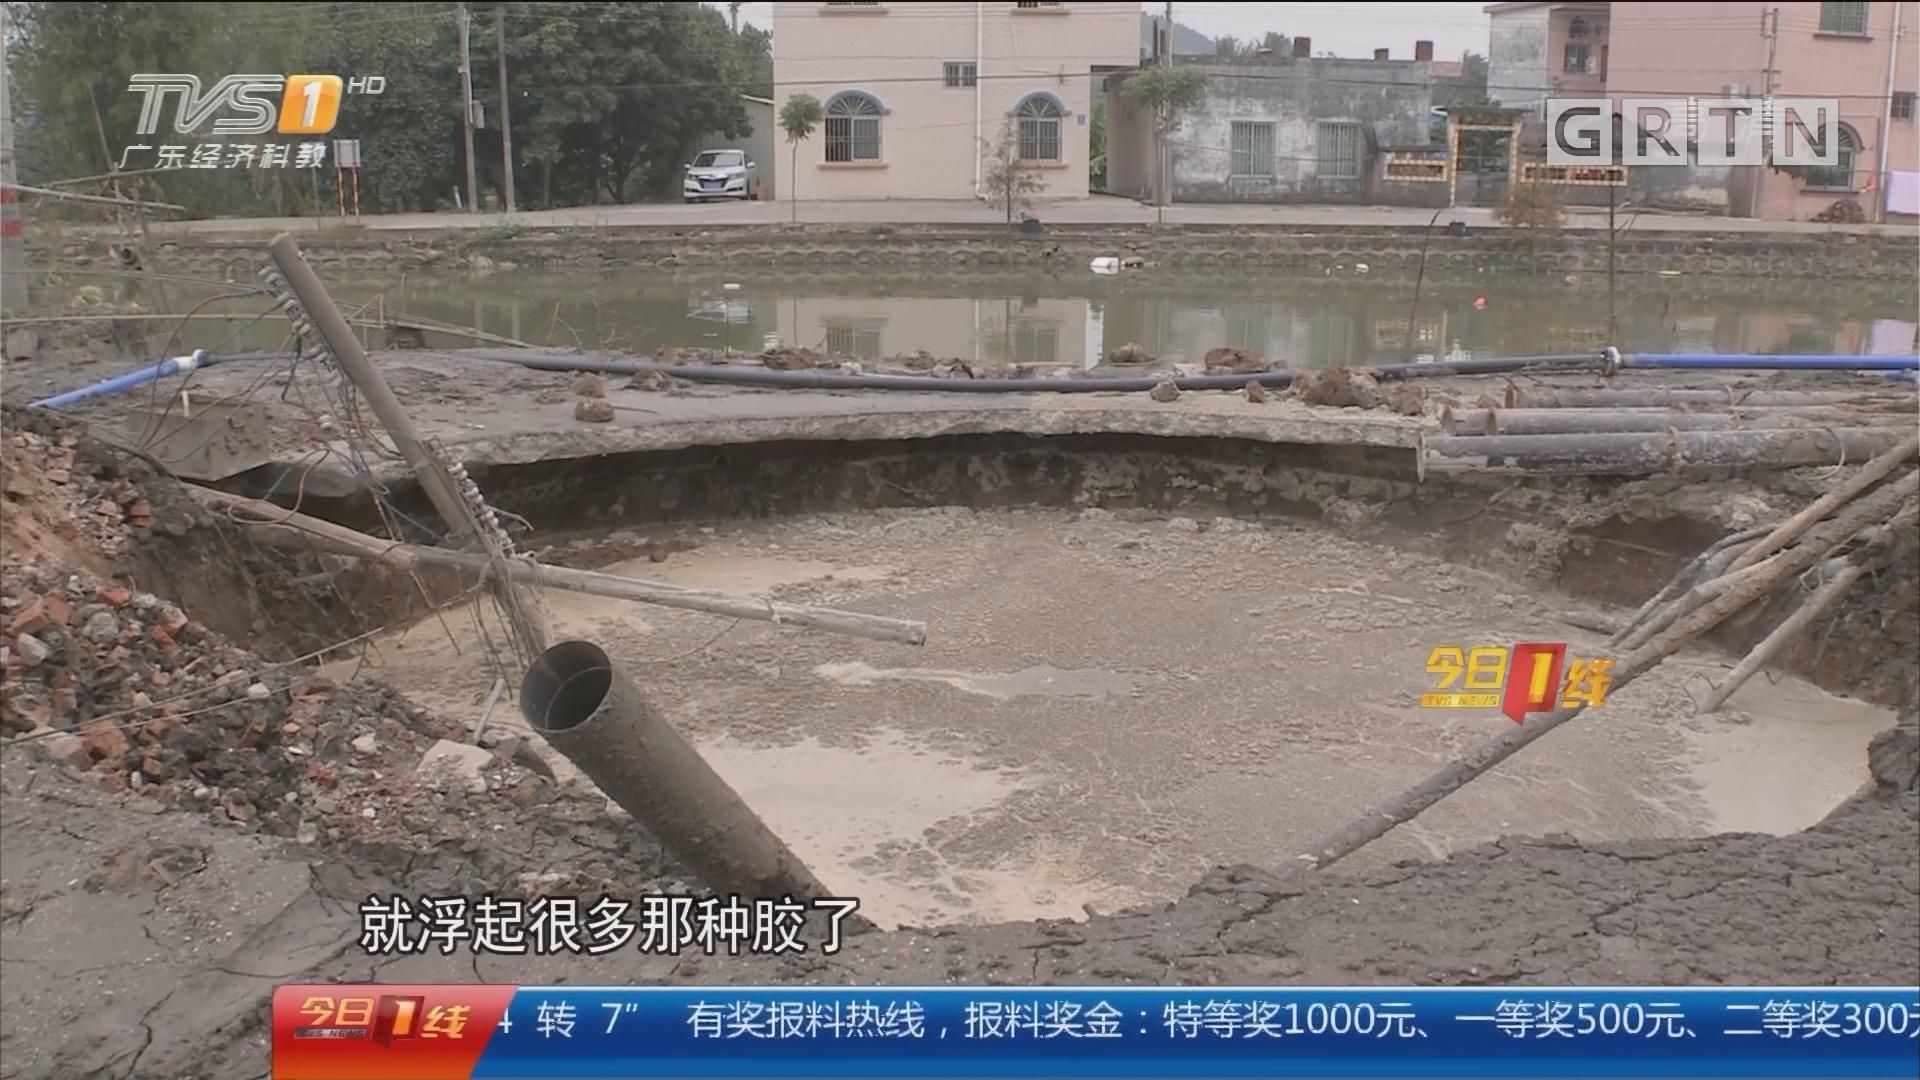 中山:打桩机打穿燃气管所致 事故无人伤亡